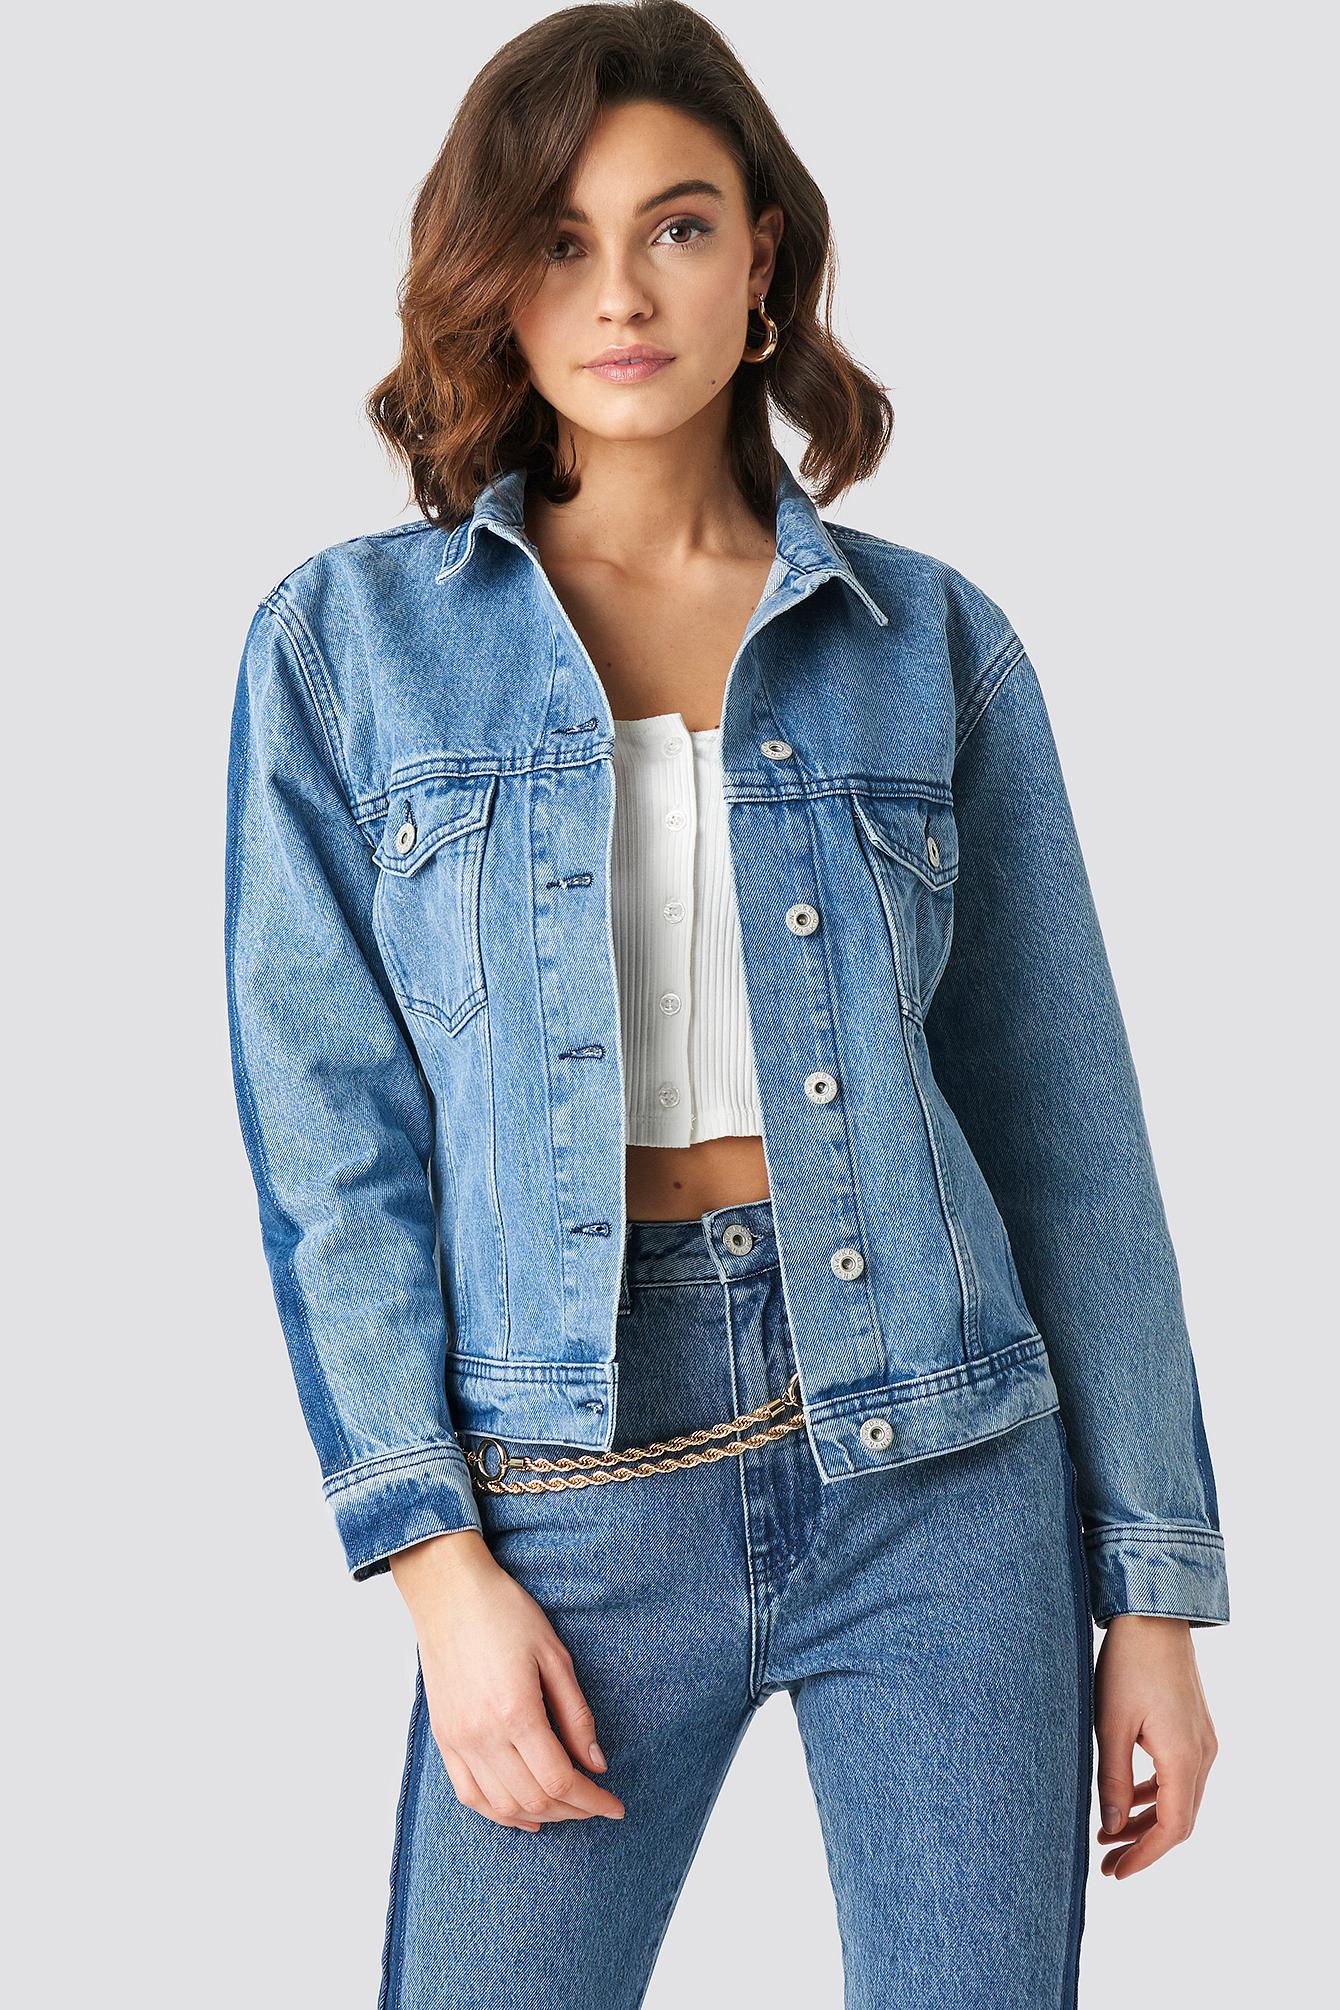 Panel Jeans Jacket NA-KD.COM